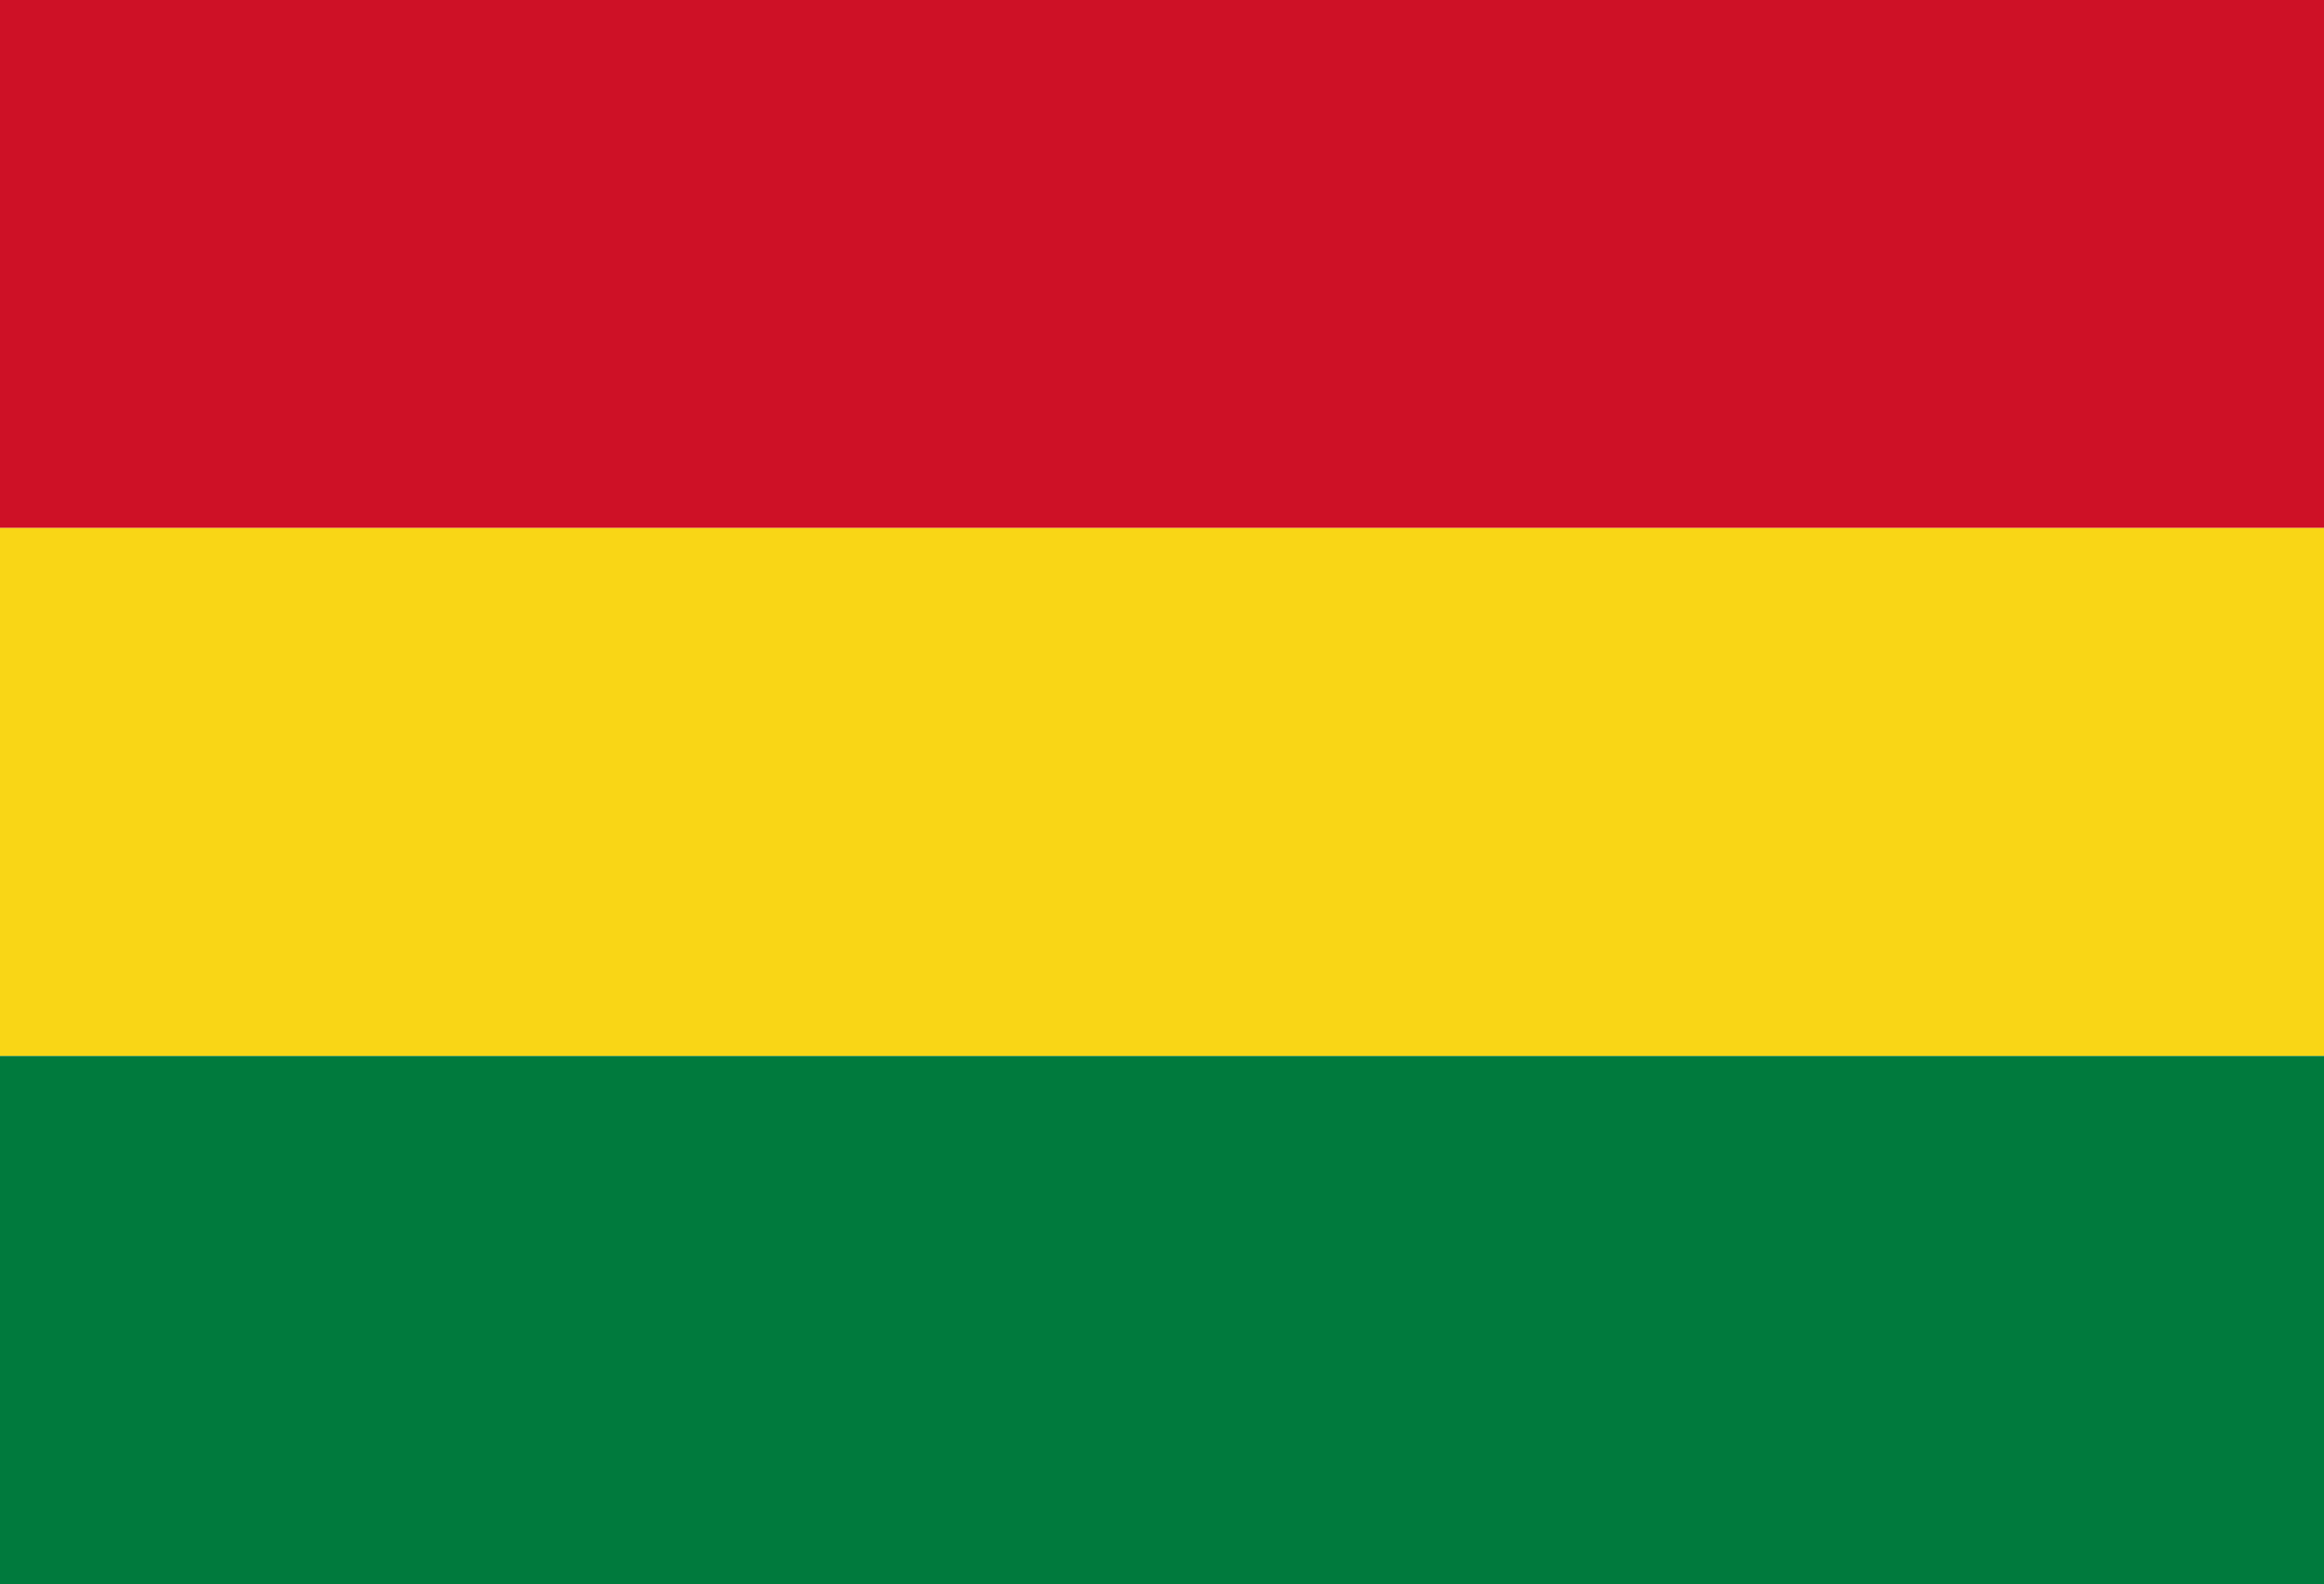 Bolivien, Land, Emblem, Logo, Symbol - Wallpaper HD - Prof.-falken.com